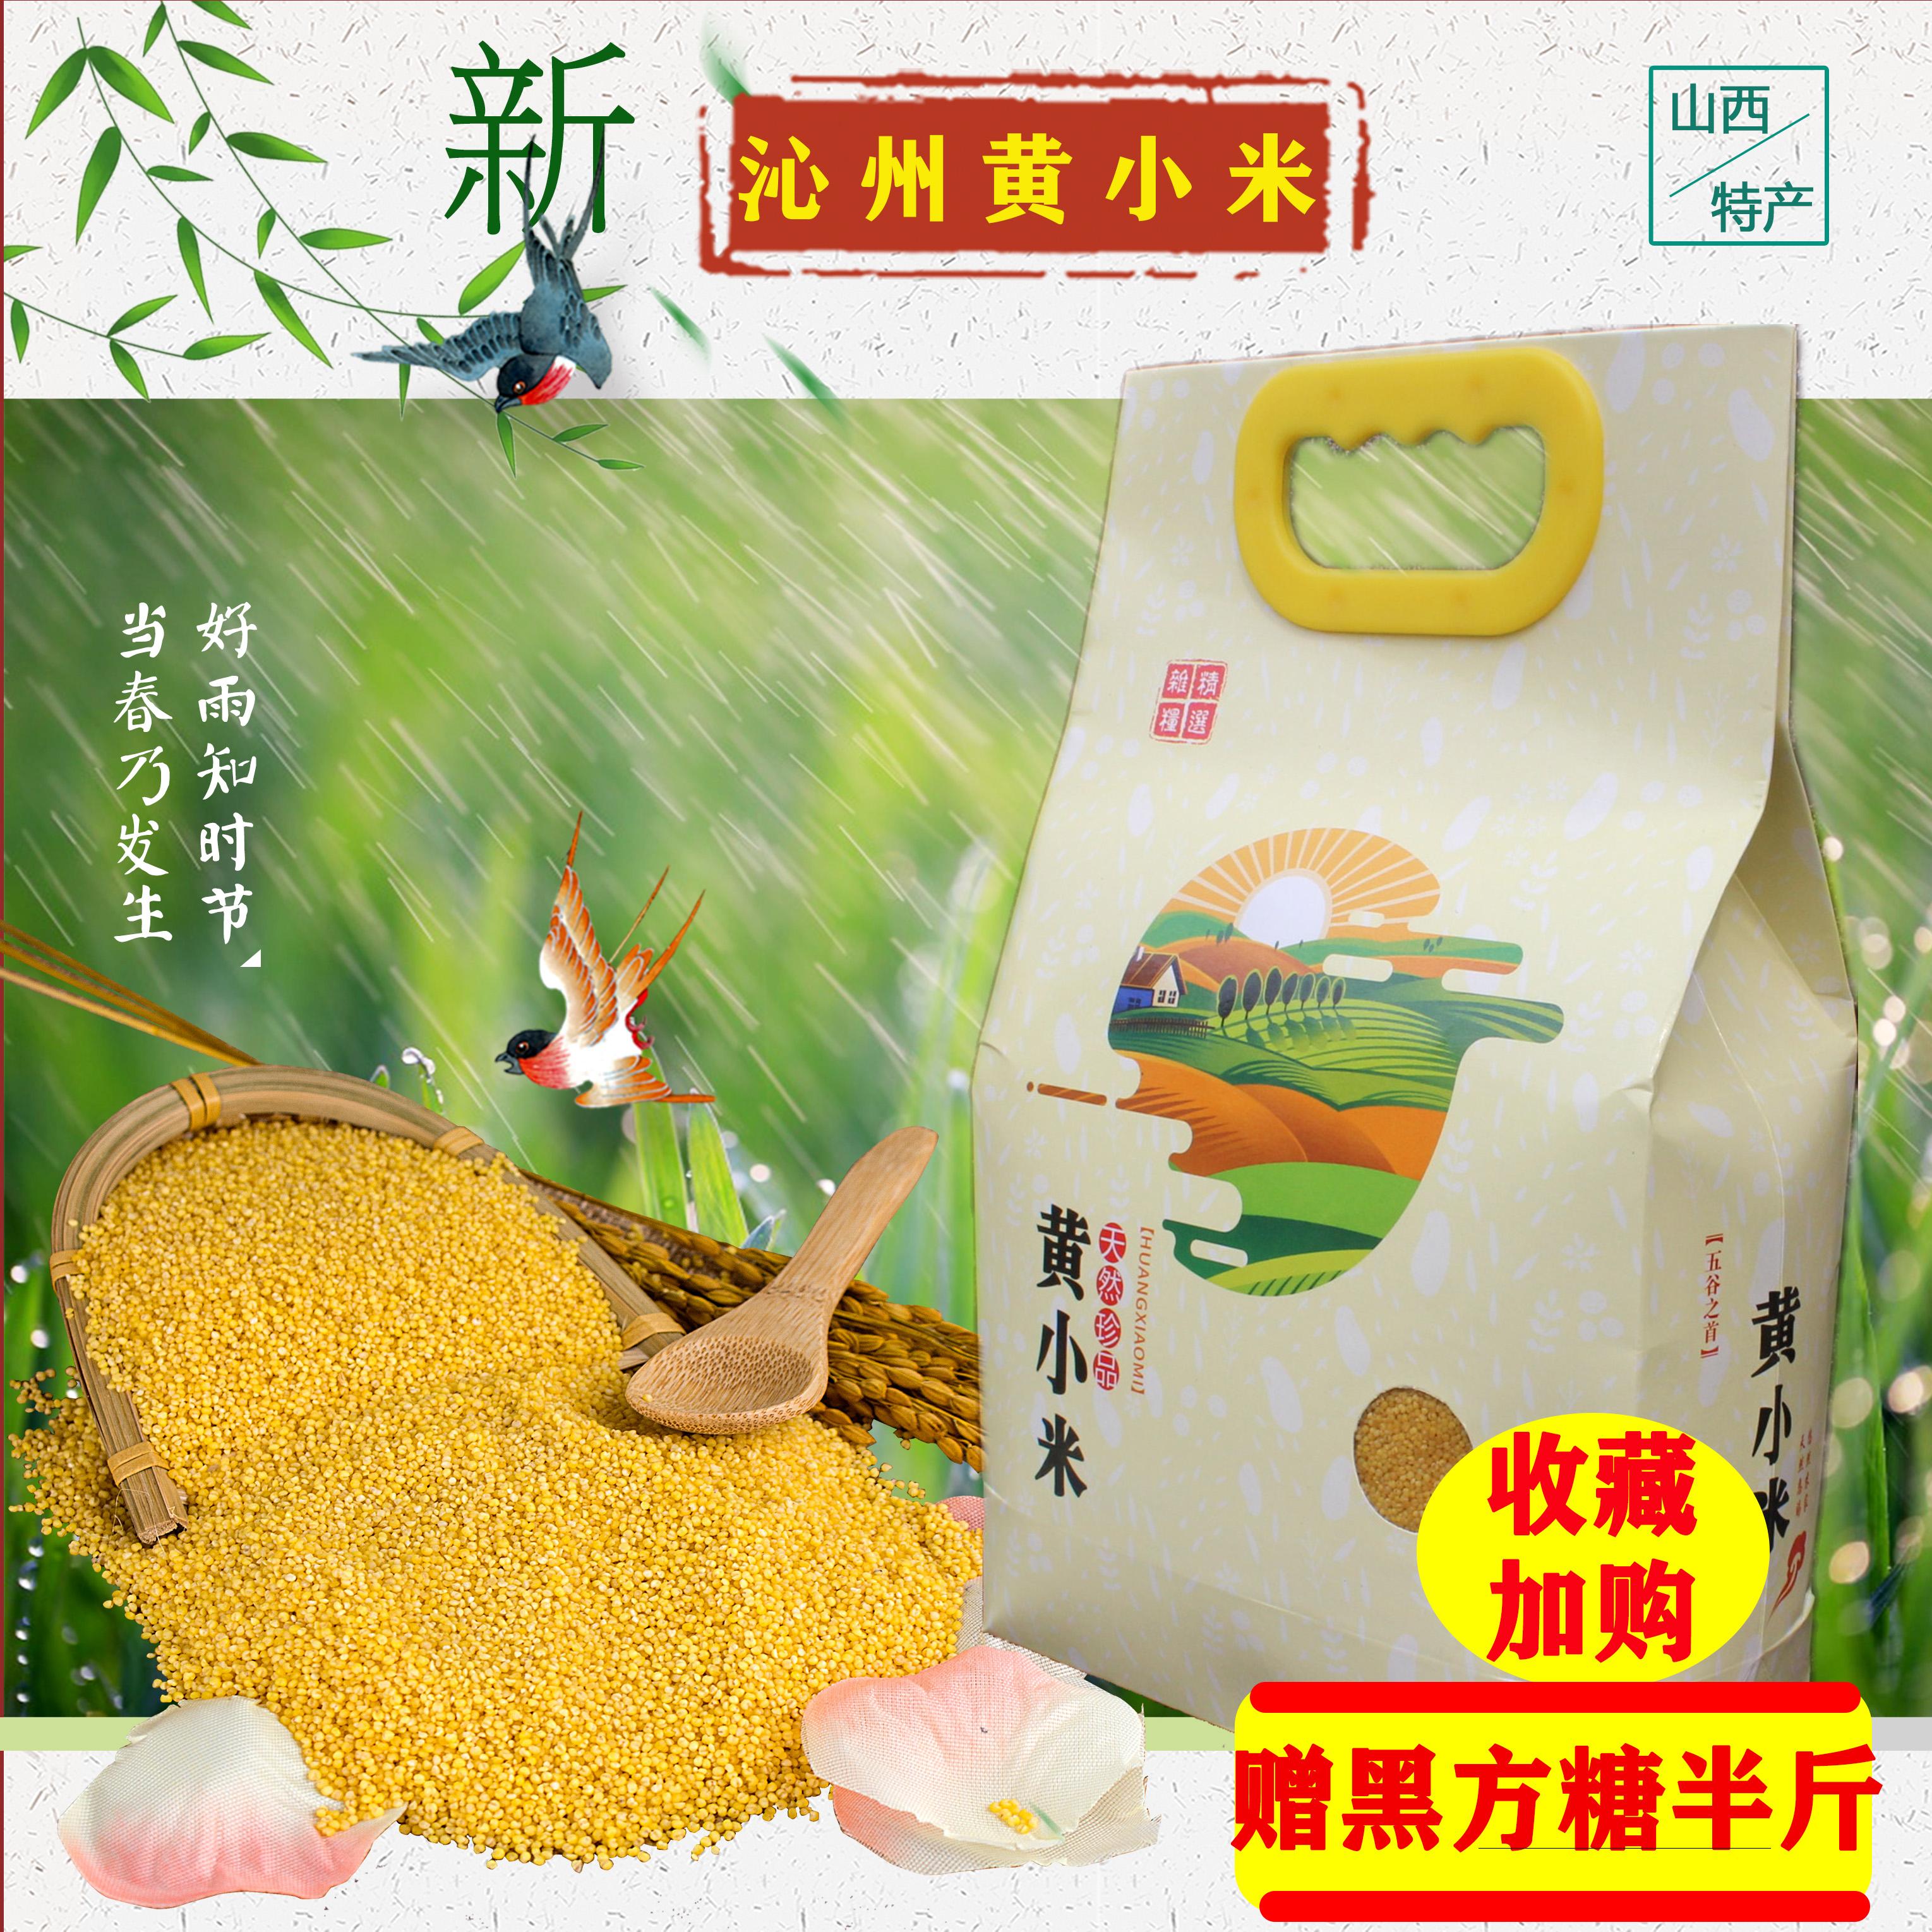 山西特产沁州黄小米富硒谷物特级5斤五谷杂粮礼品装包邮